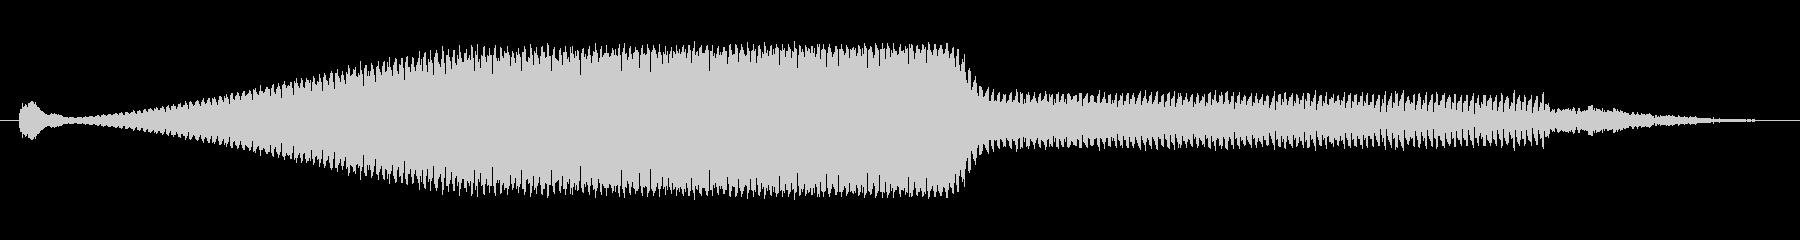 ノイズ スプラッターノイズロング03の未再生の波形